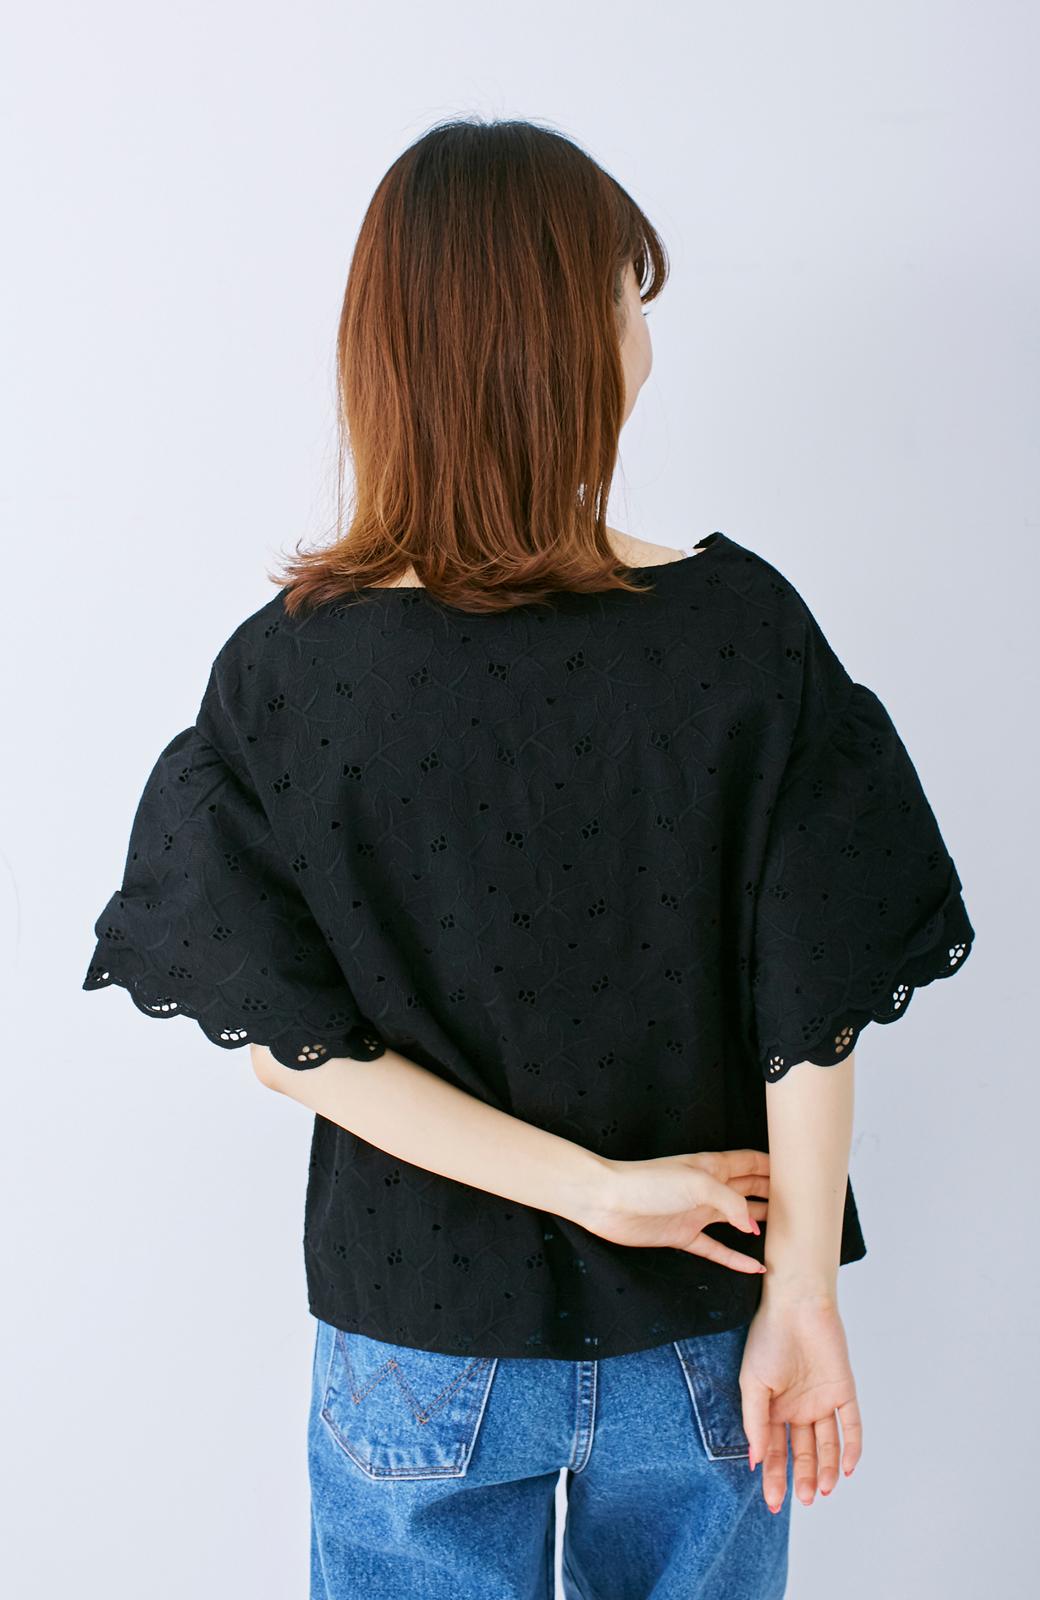 エムトロワ Tシャツ感覚で着られる フラワーレースのティアードスリーブトップス <ブラック>の商品写真9